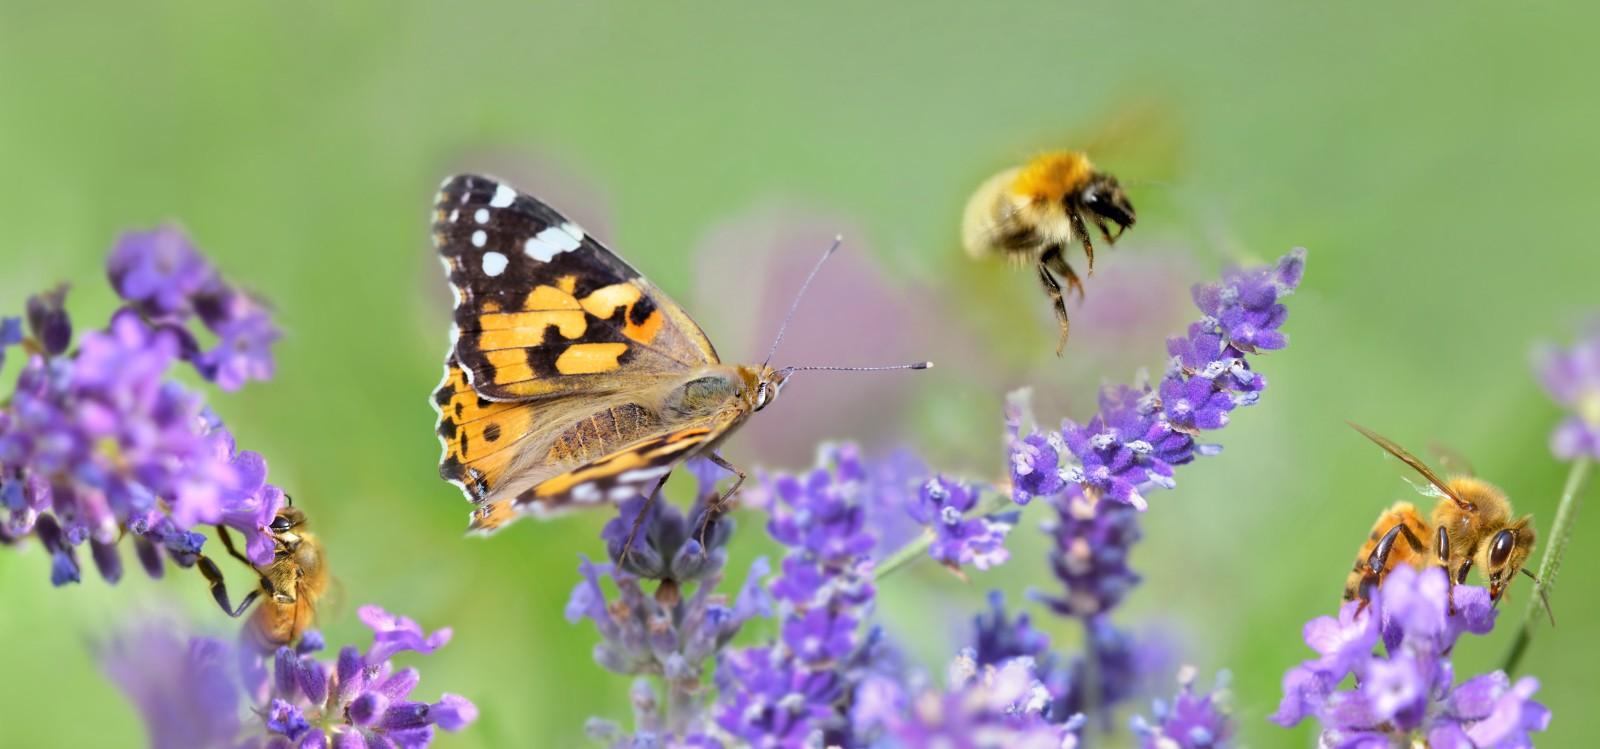 Das Ziel des Parks ist es, Wissen über die Biodiversität innerhalb Marseilles zu erlangen.